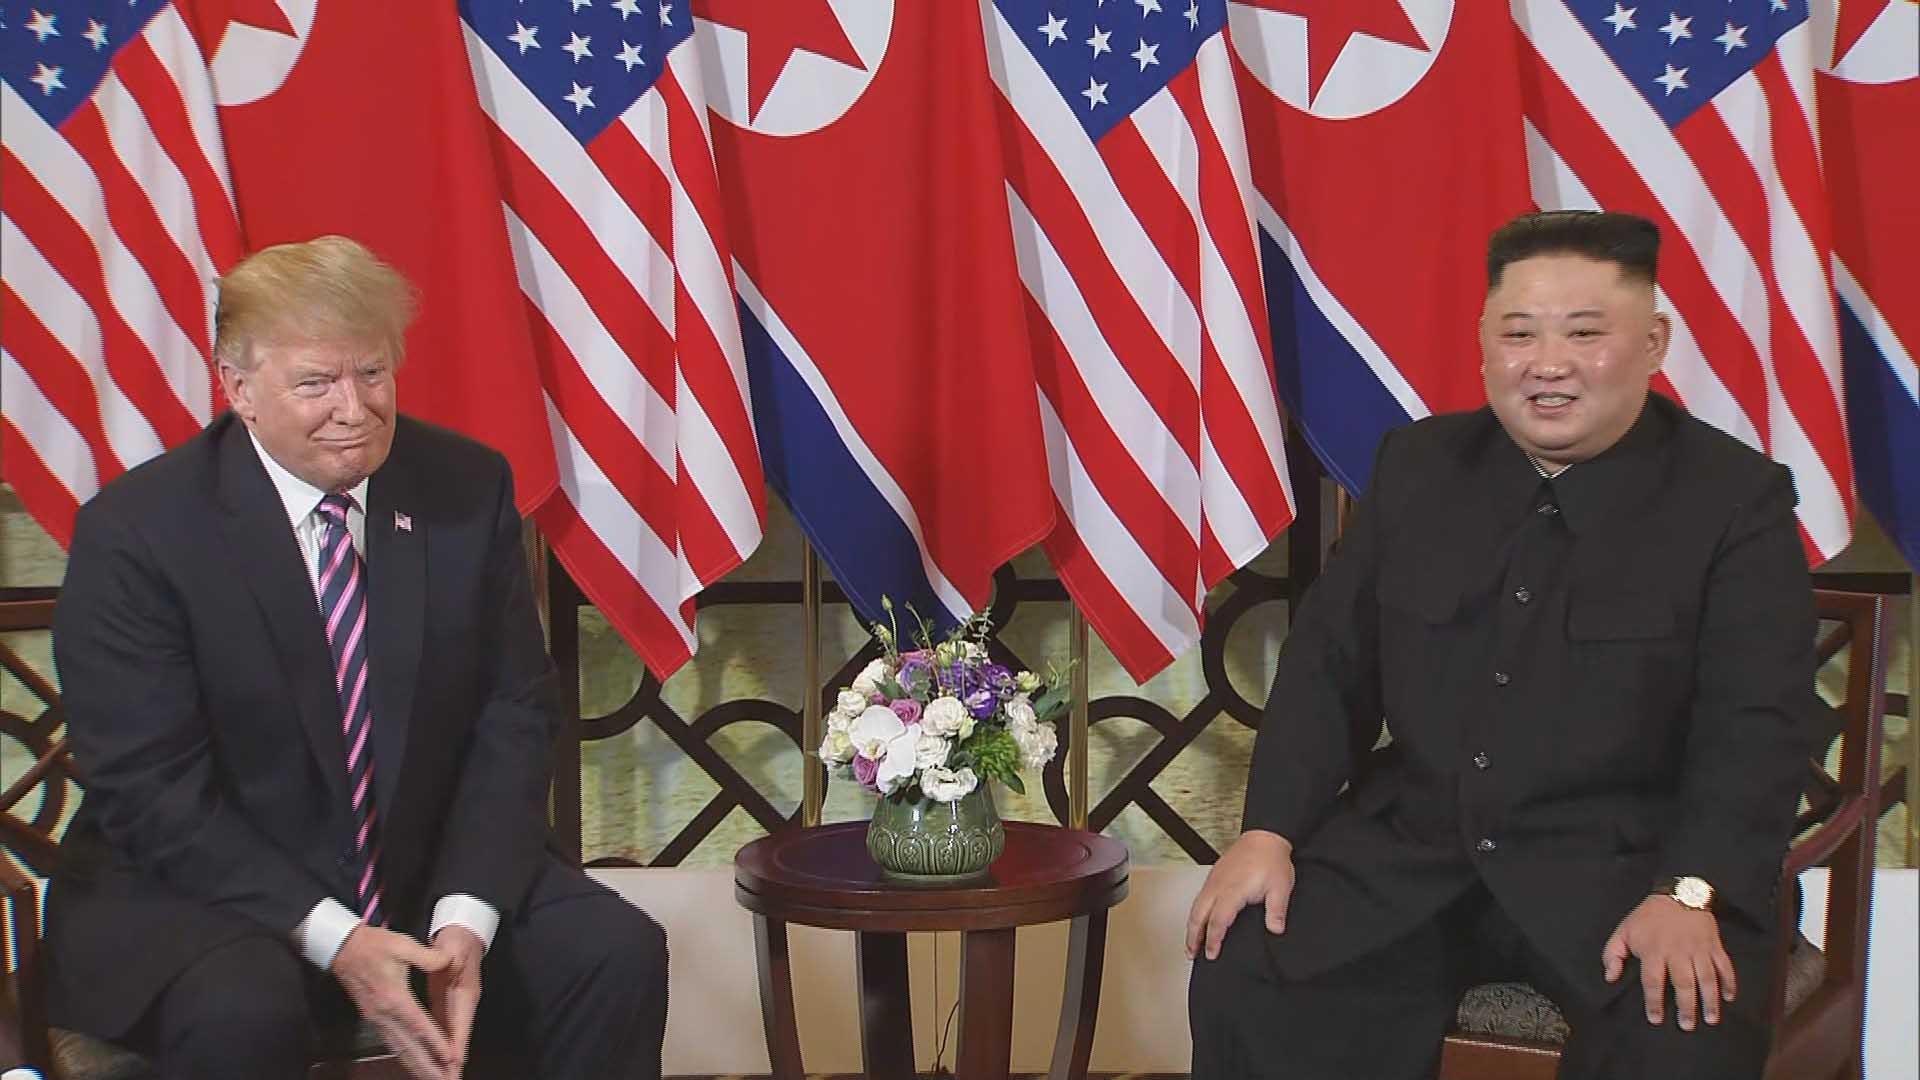 <em class='find'>북미</em>회담도, G7도 美대선 이후로…멀어지는 기회